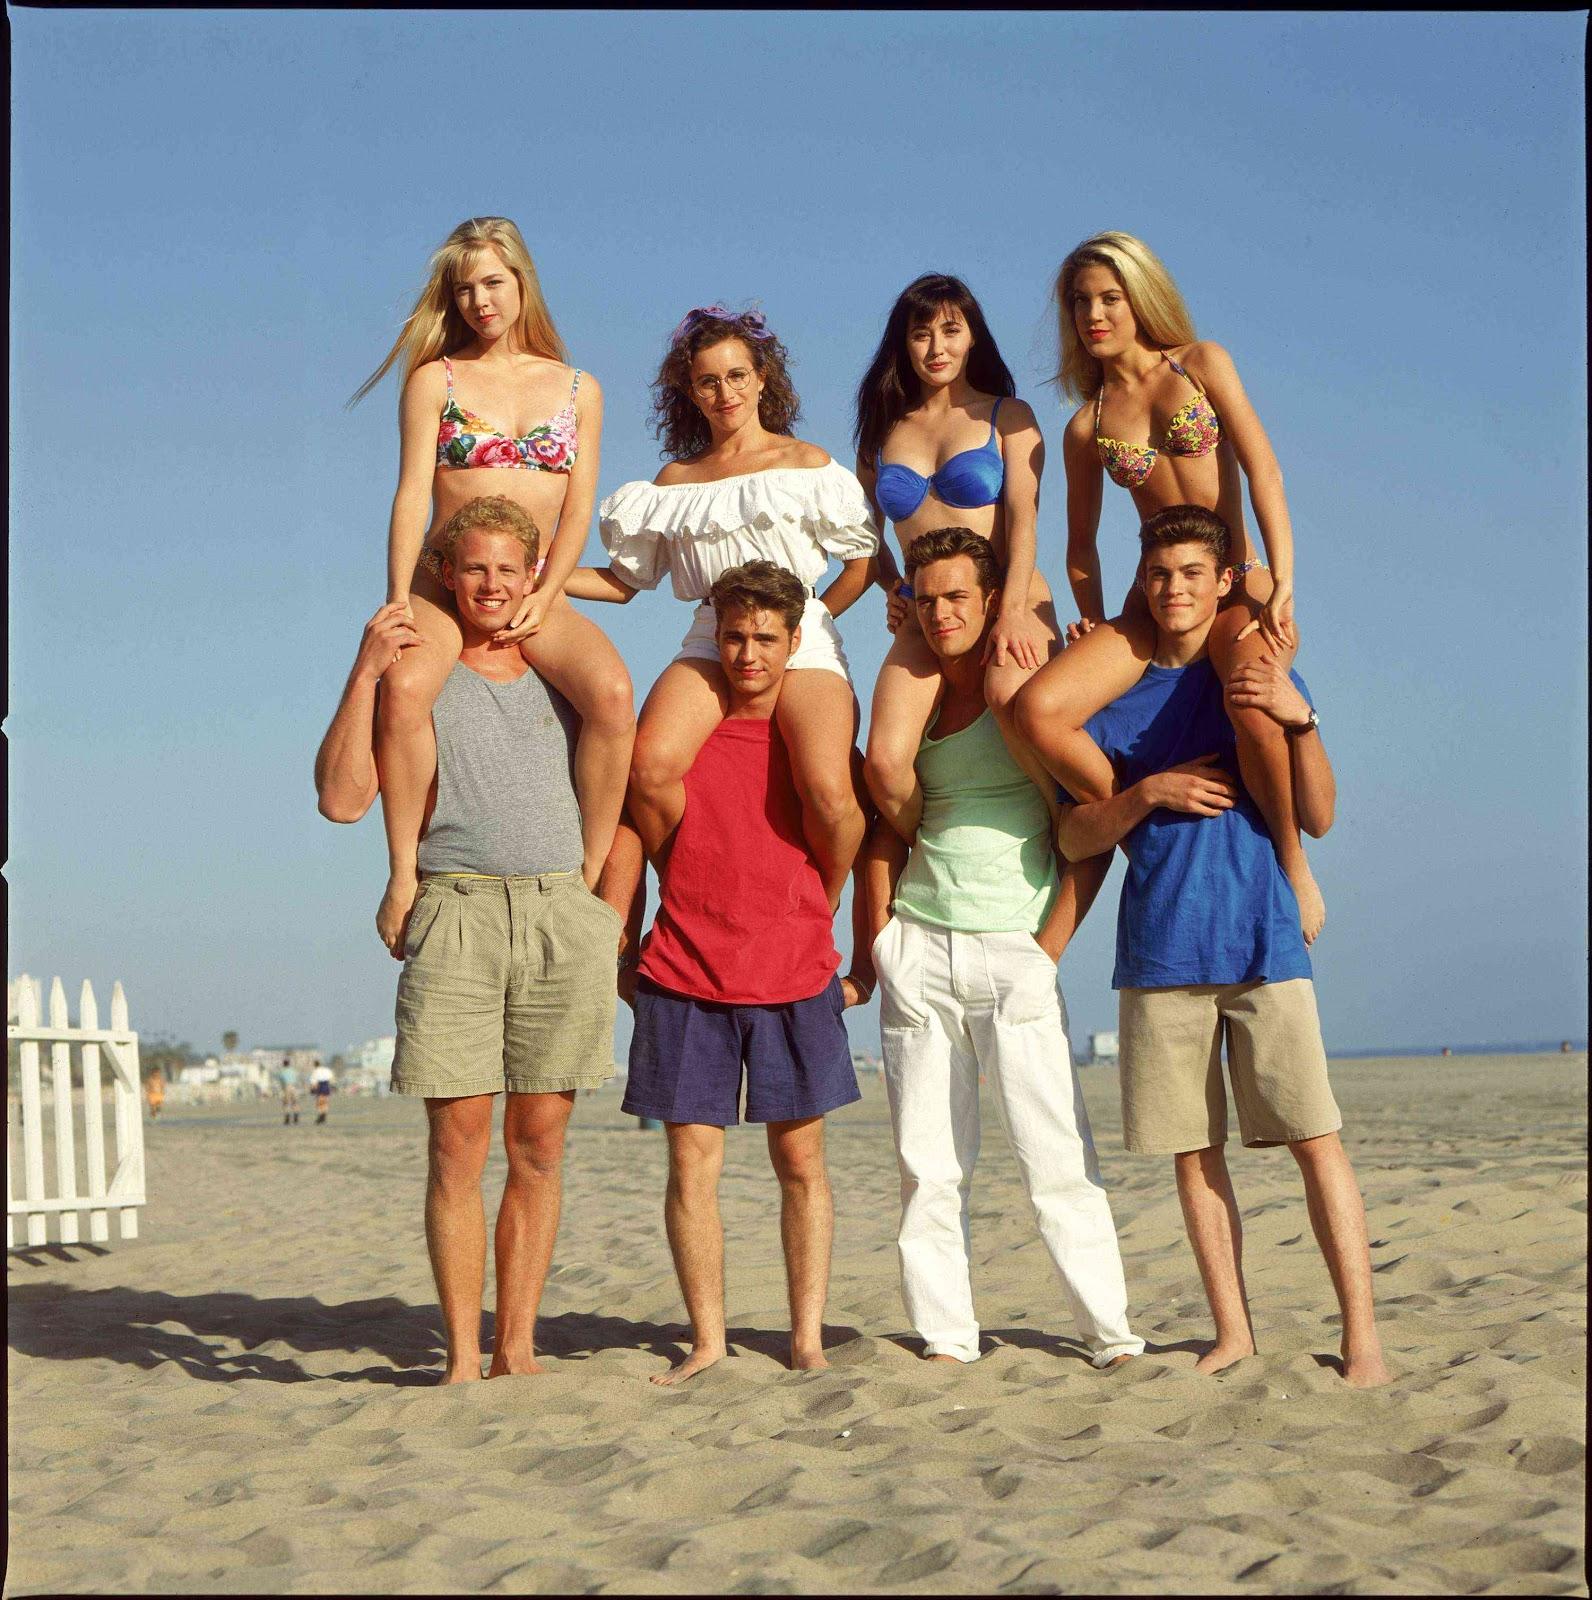 http://1.bp.blogspot.com/-afgpbttbccY/T4wwX05WEMI/AAAAAAAAFWg/5QOzkfwEeLw/s1600/1990_beverly_hills_90210_010.jpg